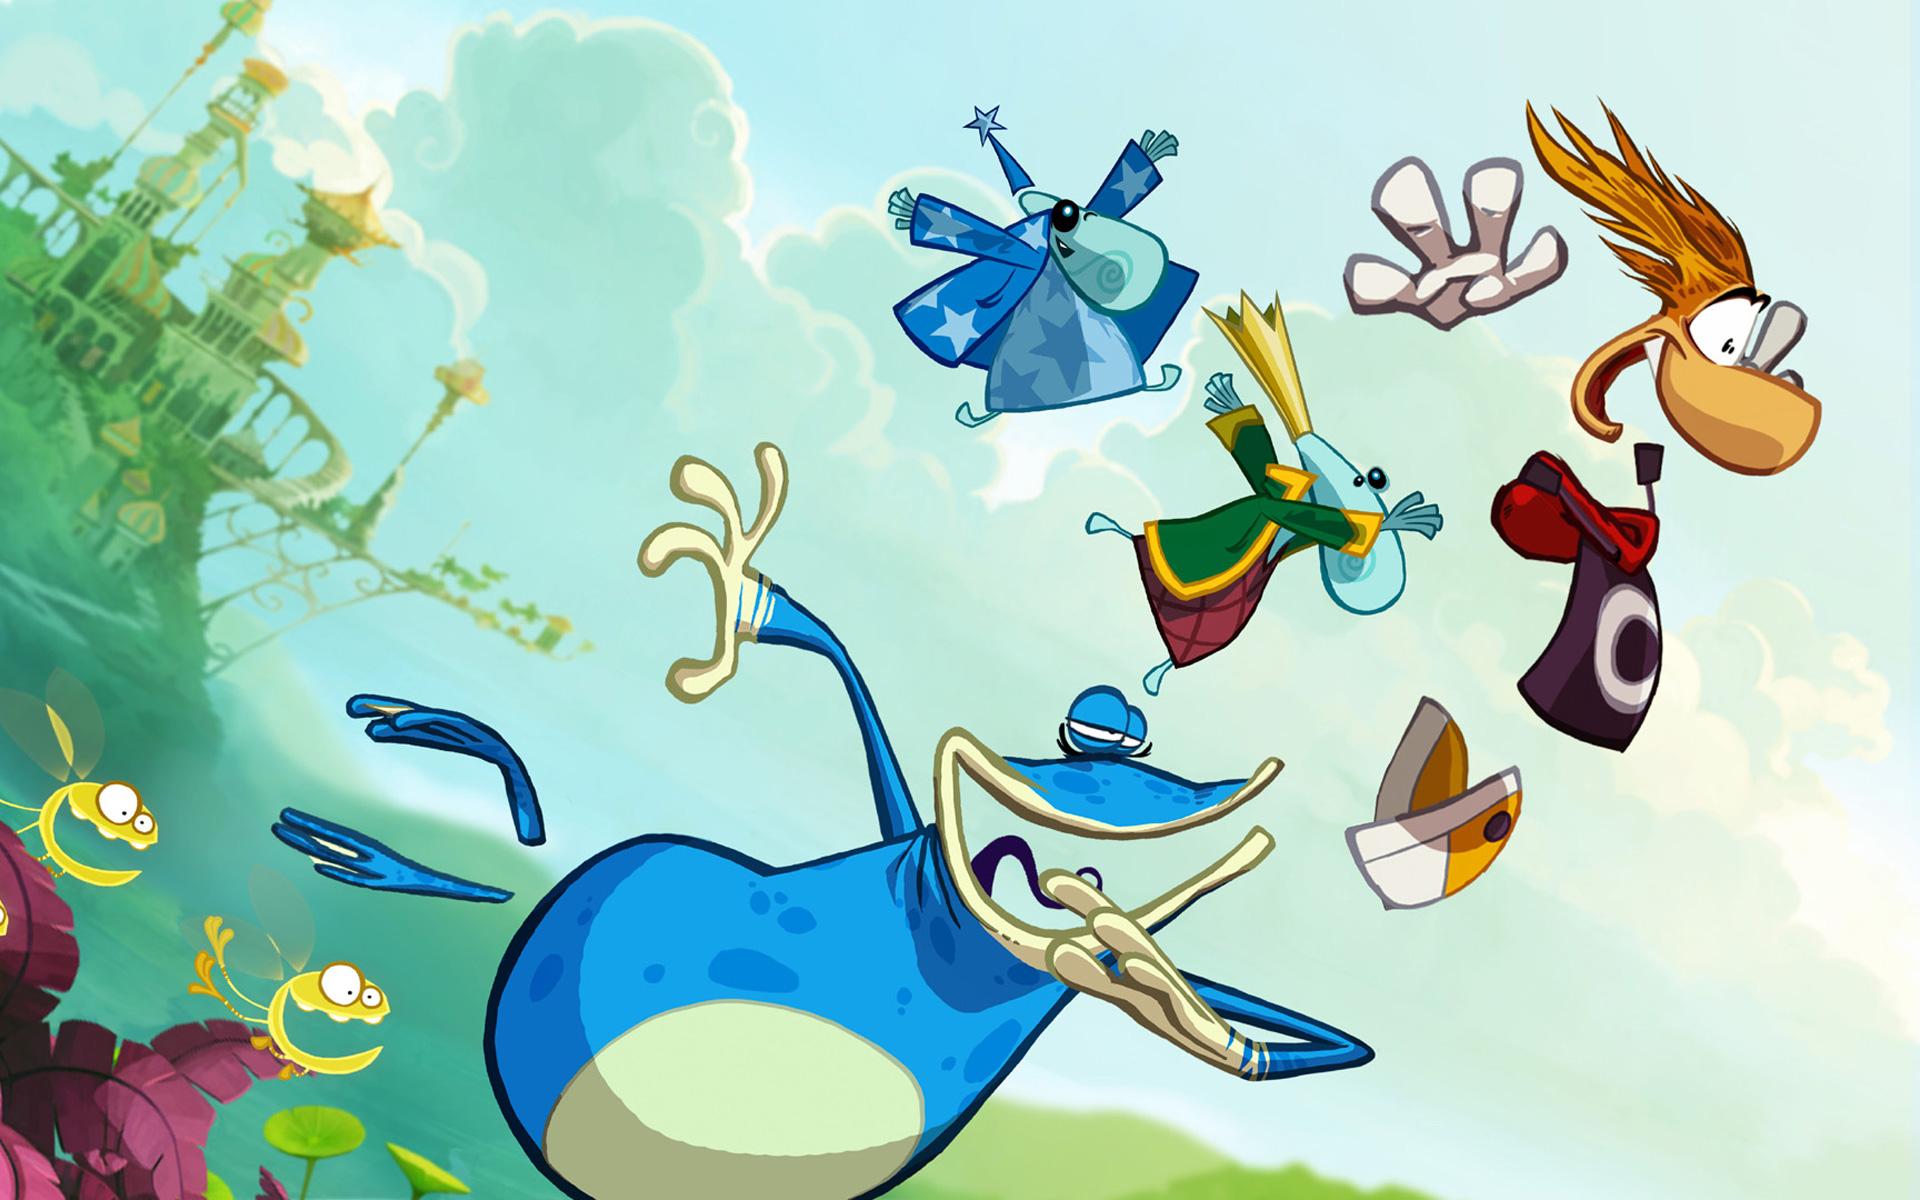 Fond d'écran Rayman